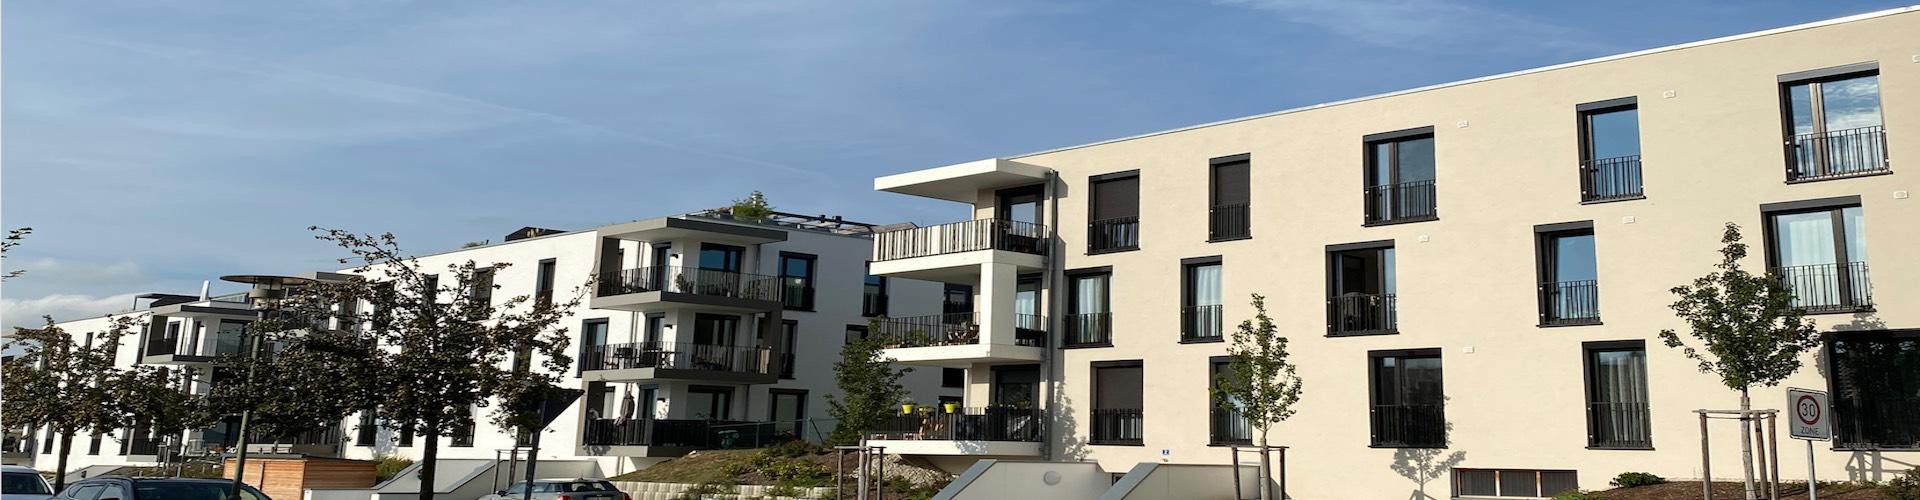 Albrecht Carré Passau Wohnung kaufen verkaufen